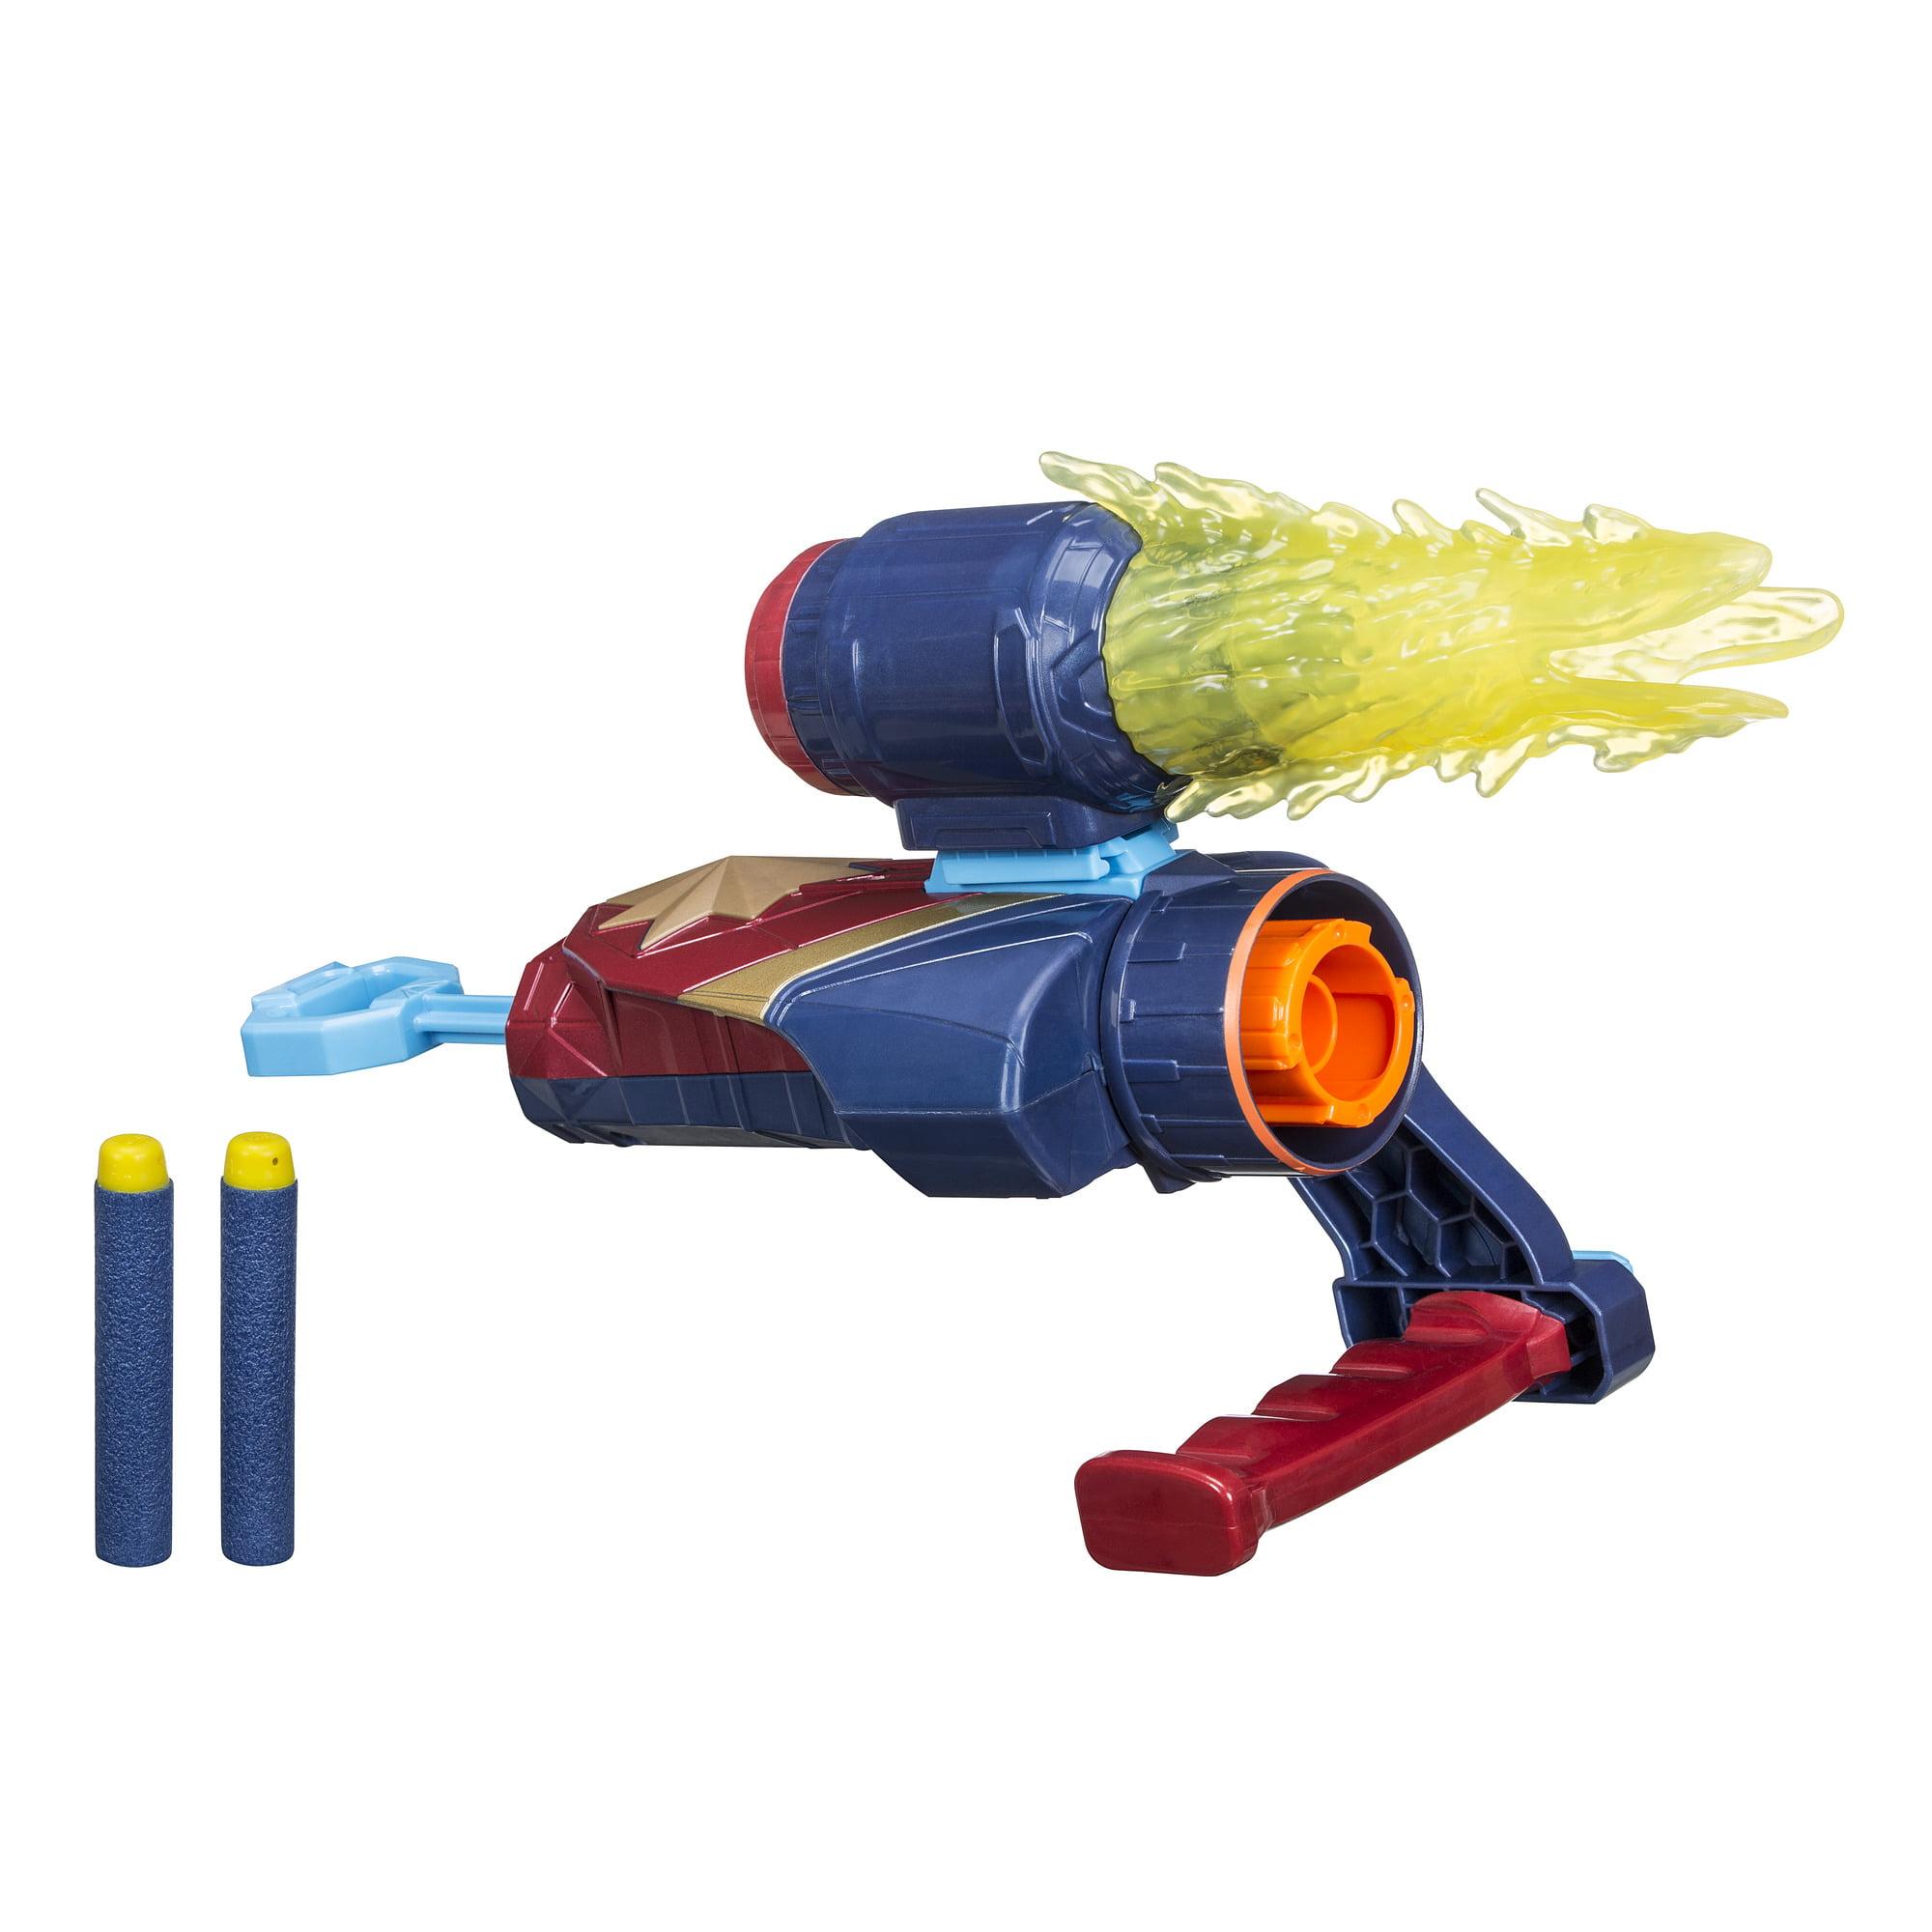 Marvel Avengers: Endgame Nerf Assembler Gear Captain Marvel Blaster